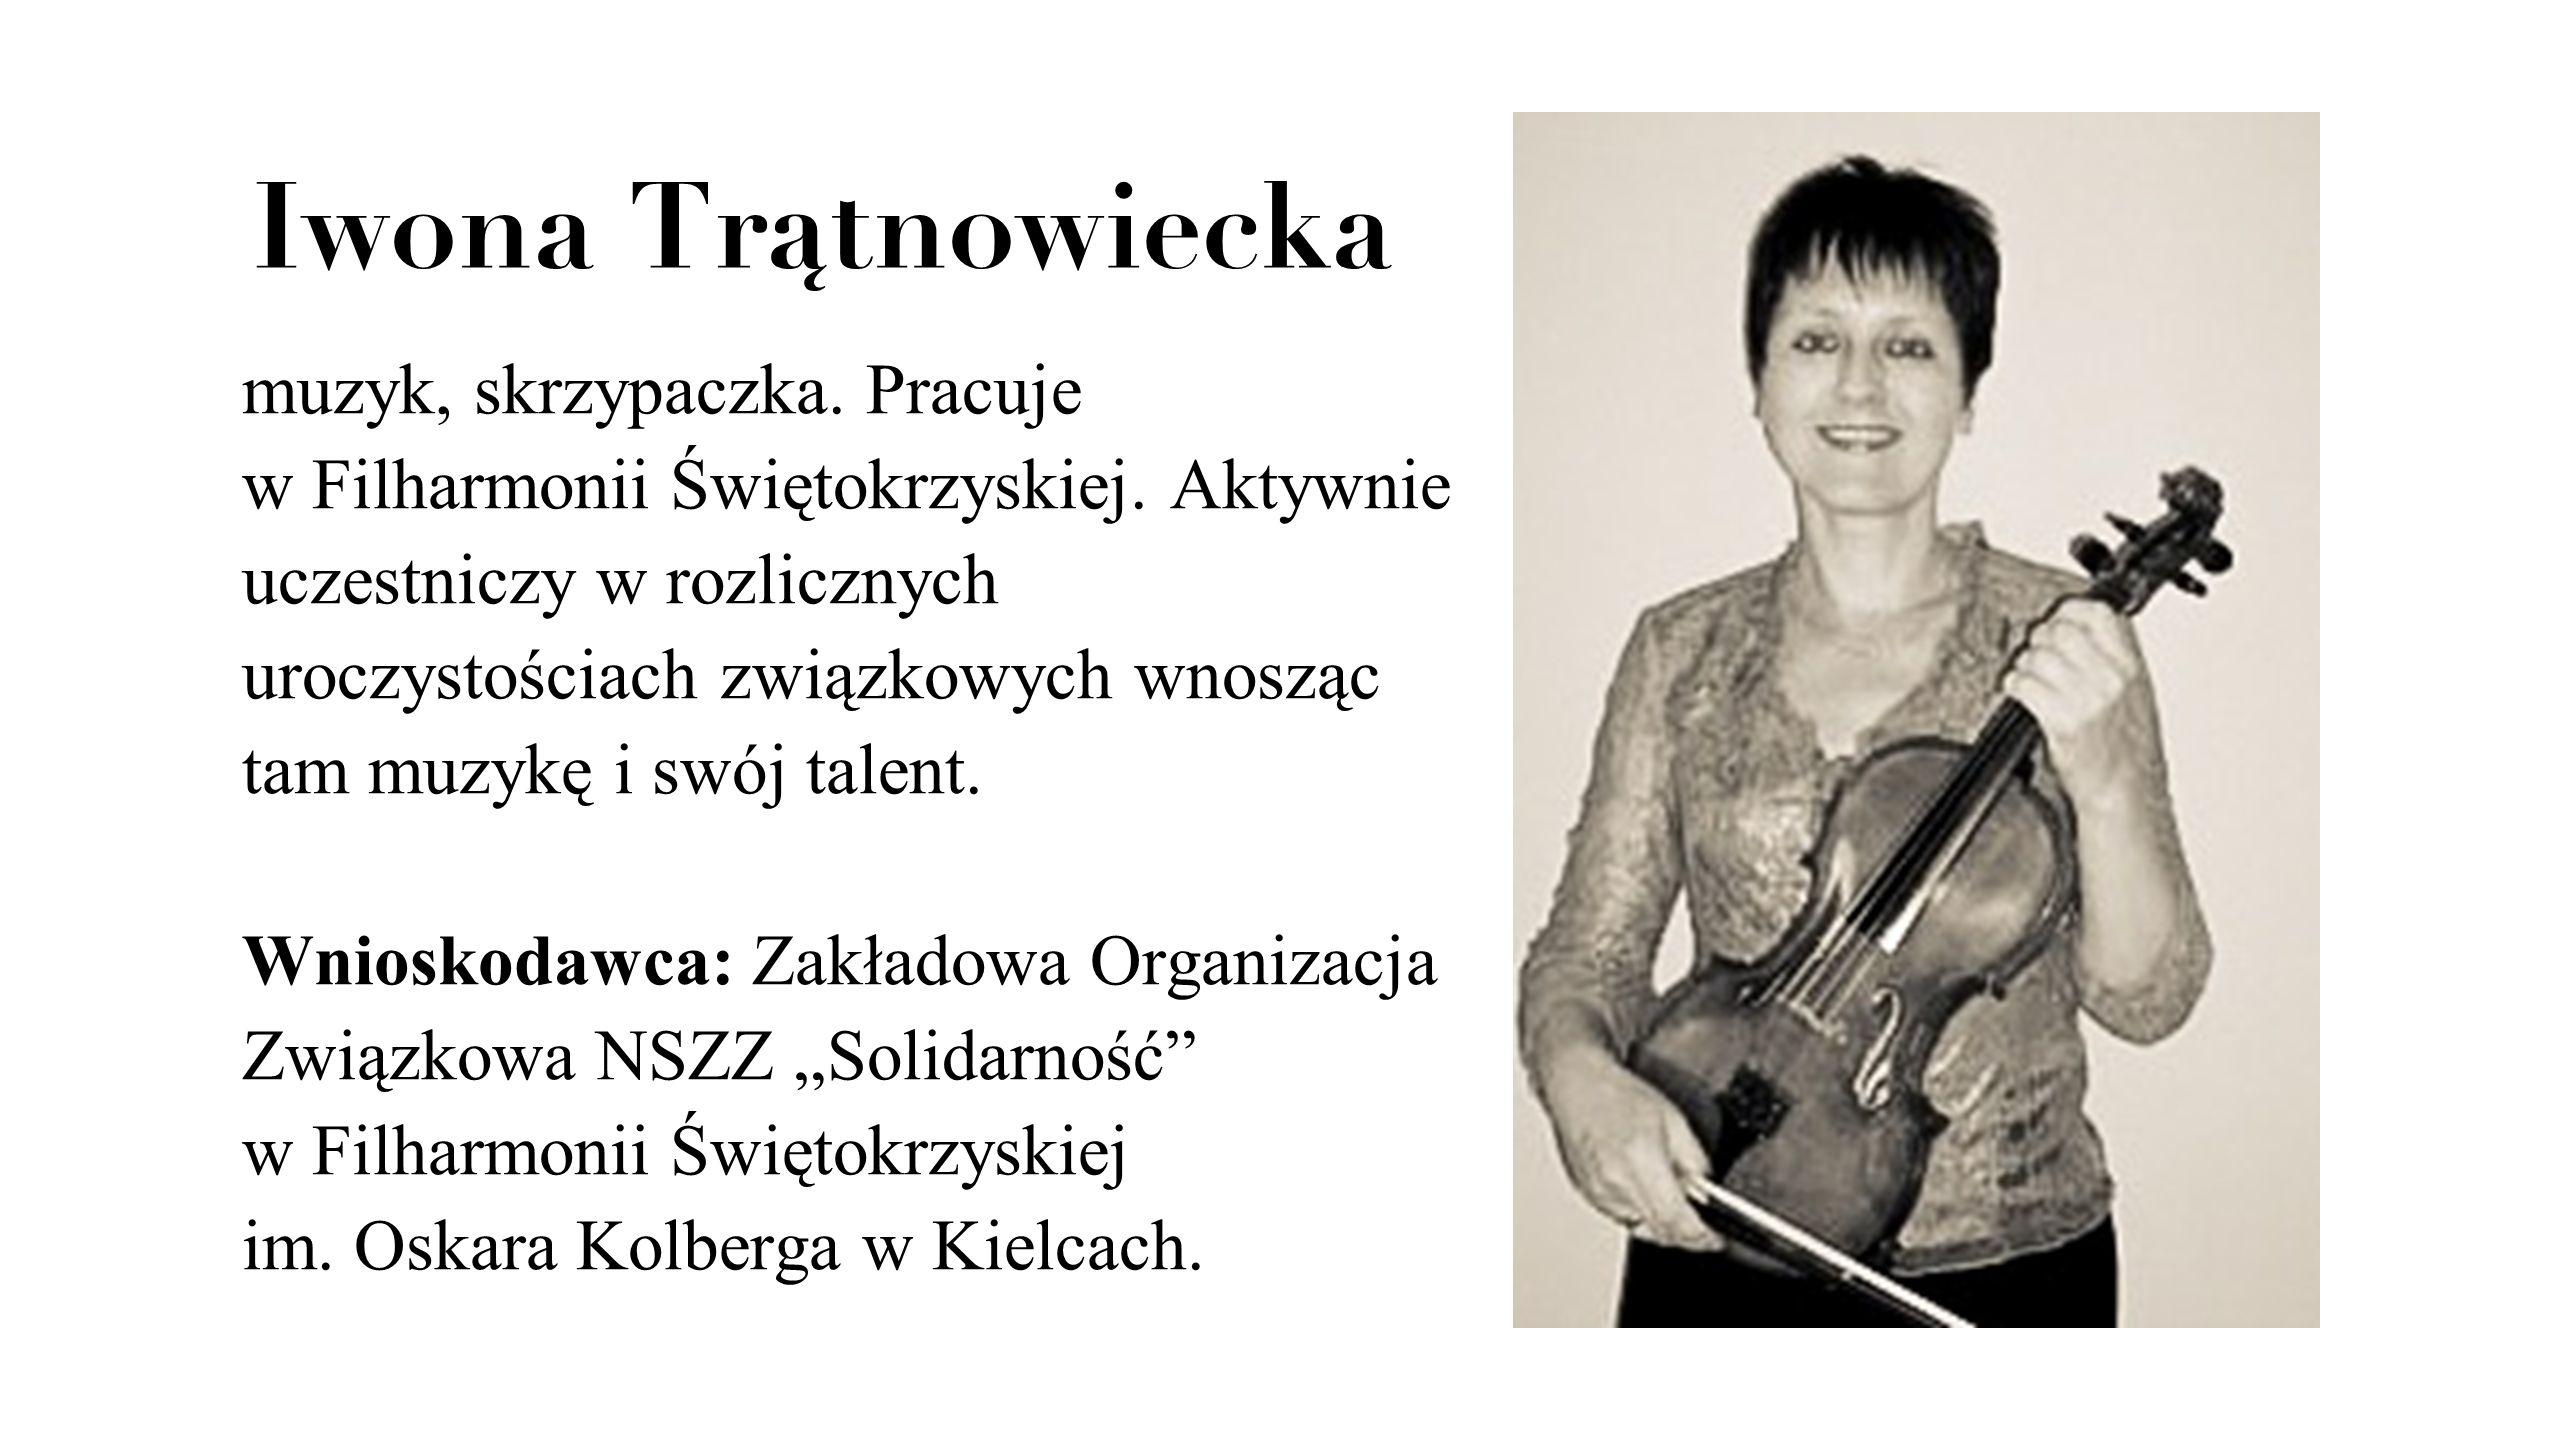 Iwona Trątnowiecka